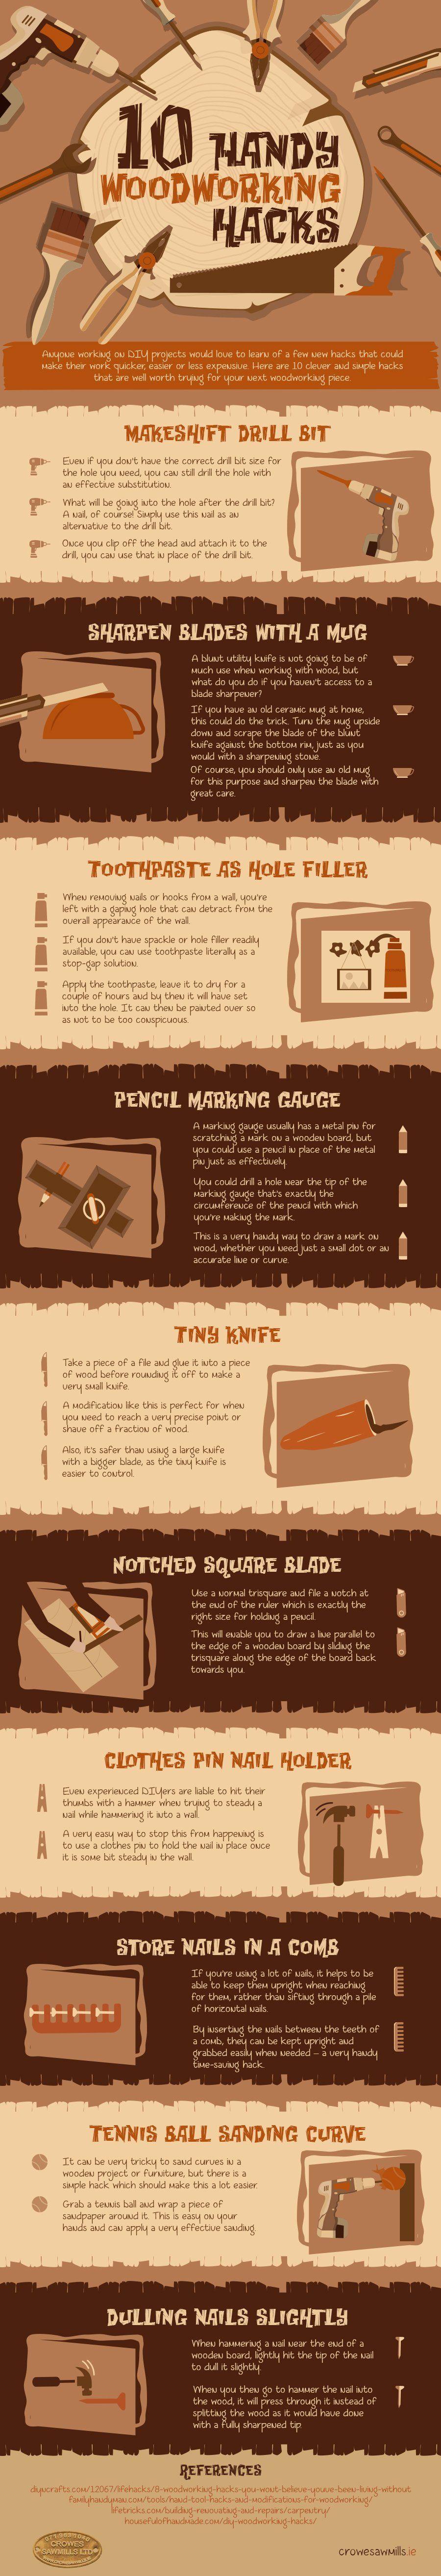 10 Handy Woodworking Hacks Infographic Hacks Handy Infographic Woodworking Woodworking Crafts Christ In 2020 Woodworking Tips Woodworking Best Woodworking Tools